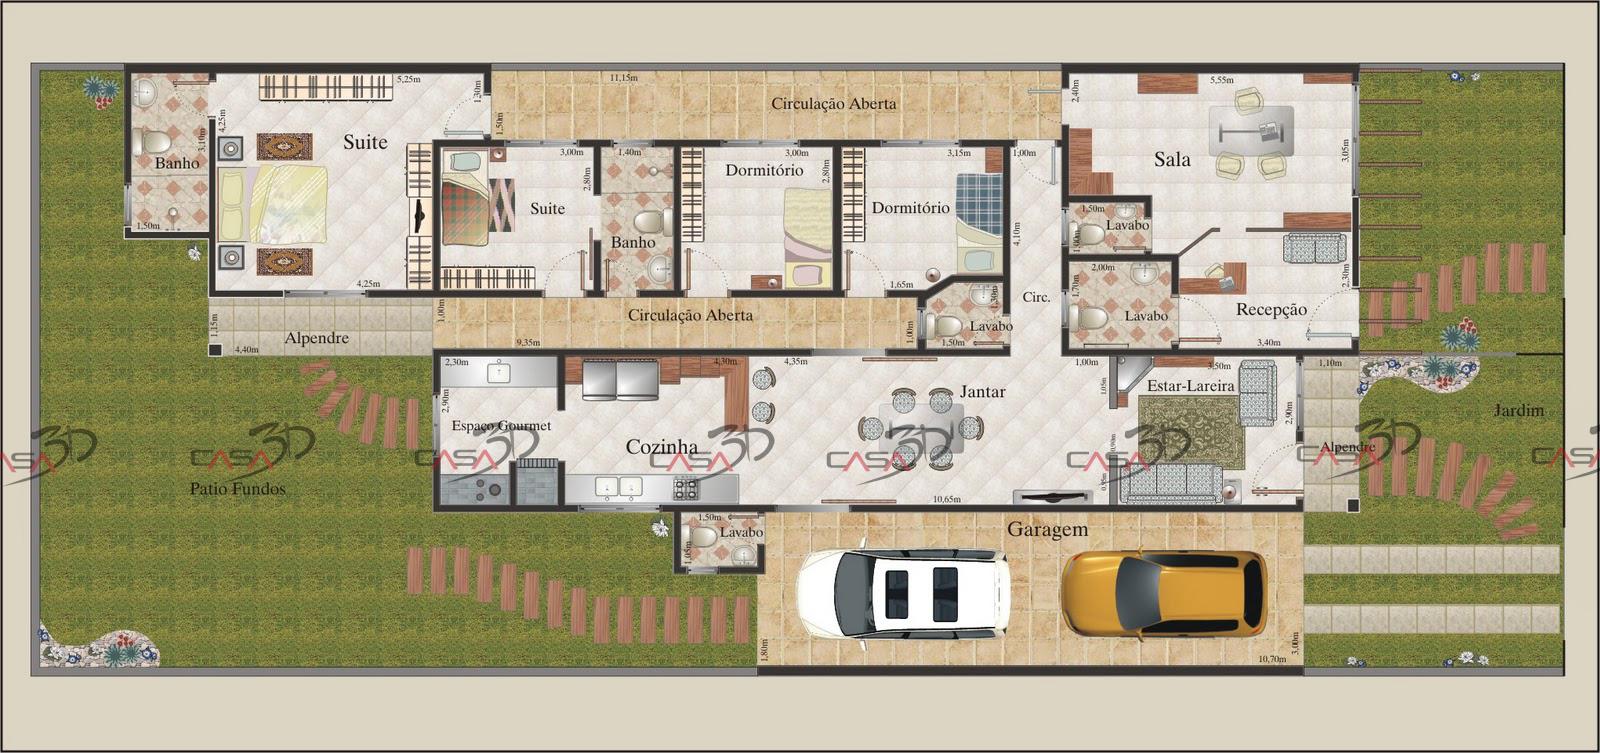 Casa 3d casa 3d plantas humanizadas 2d for Casas en 2d